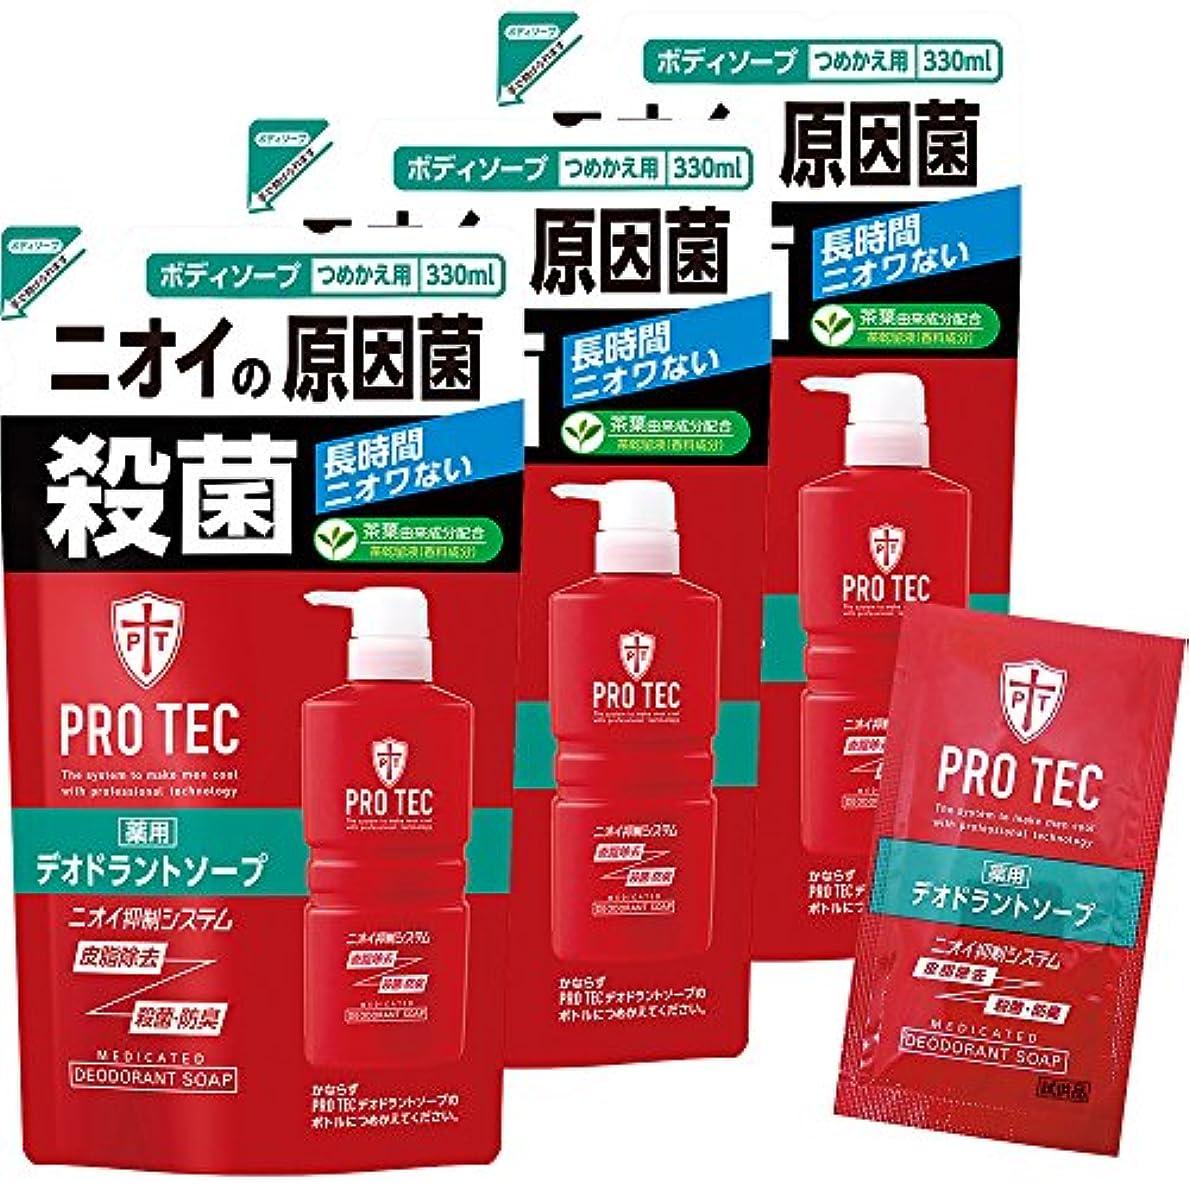 待って相互遠洋の【Amazon.co.jp限定】PRO TEC(プロテク) デオドラントソープ 詰め替え330ml×3個パック+デオドラントソープ1回分付(医薬部外品)